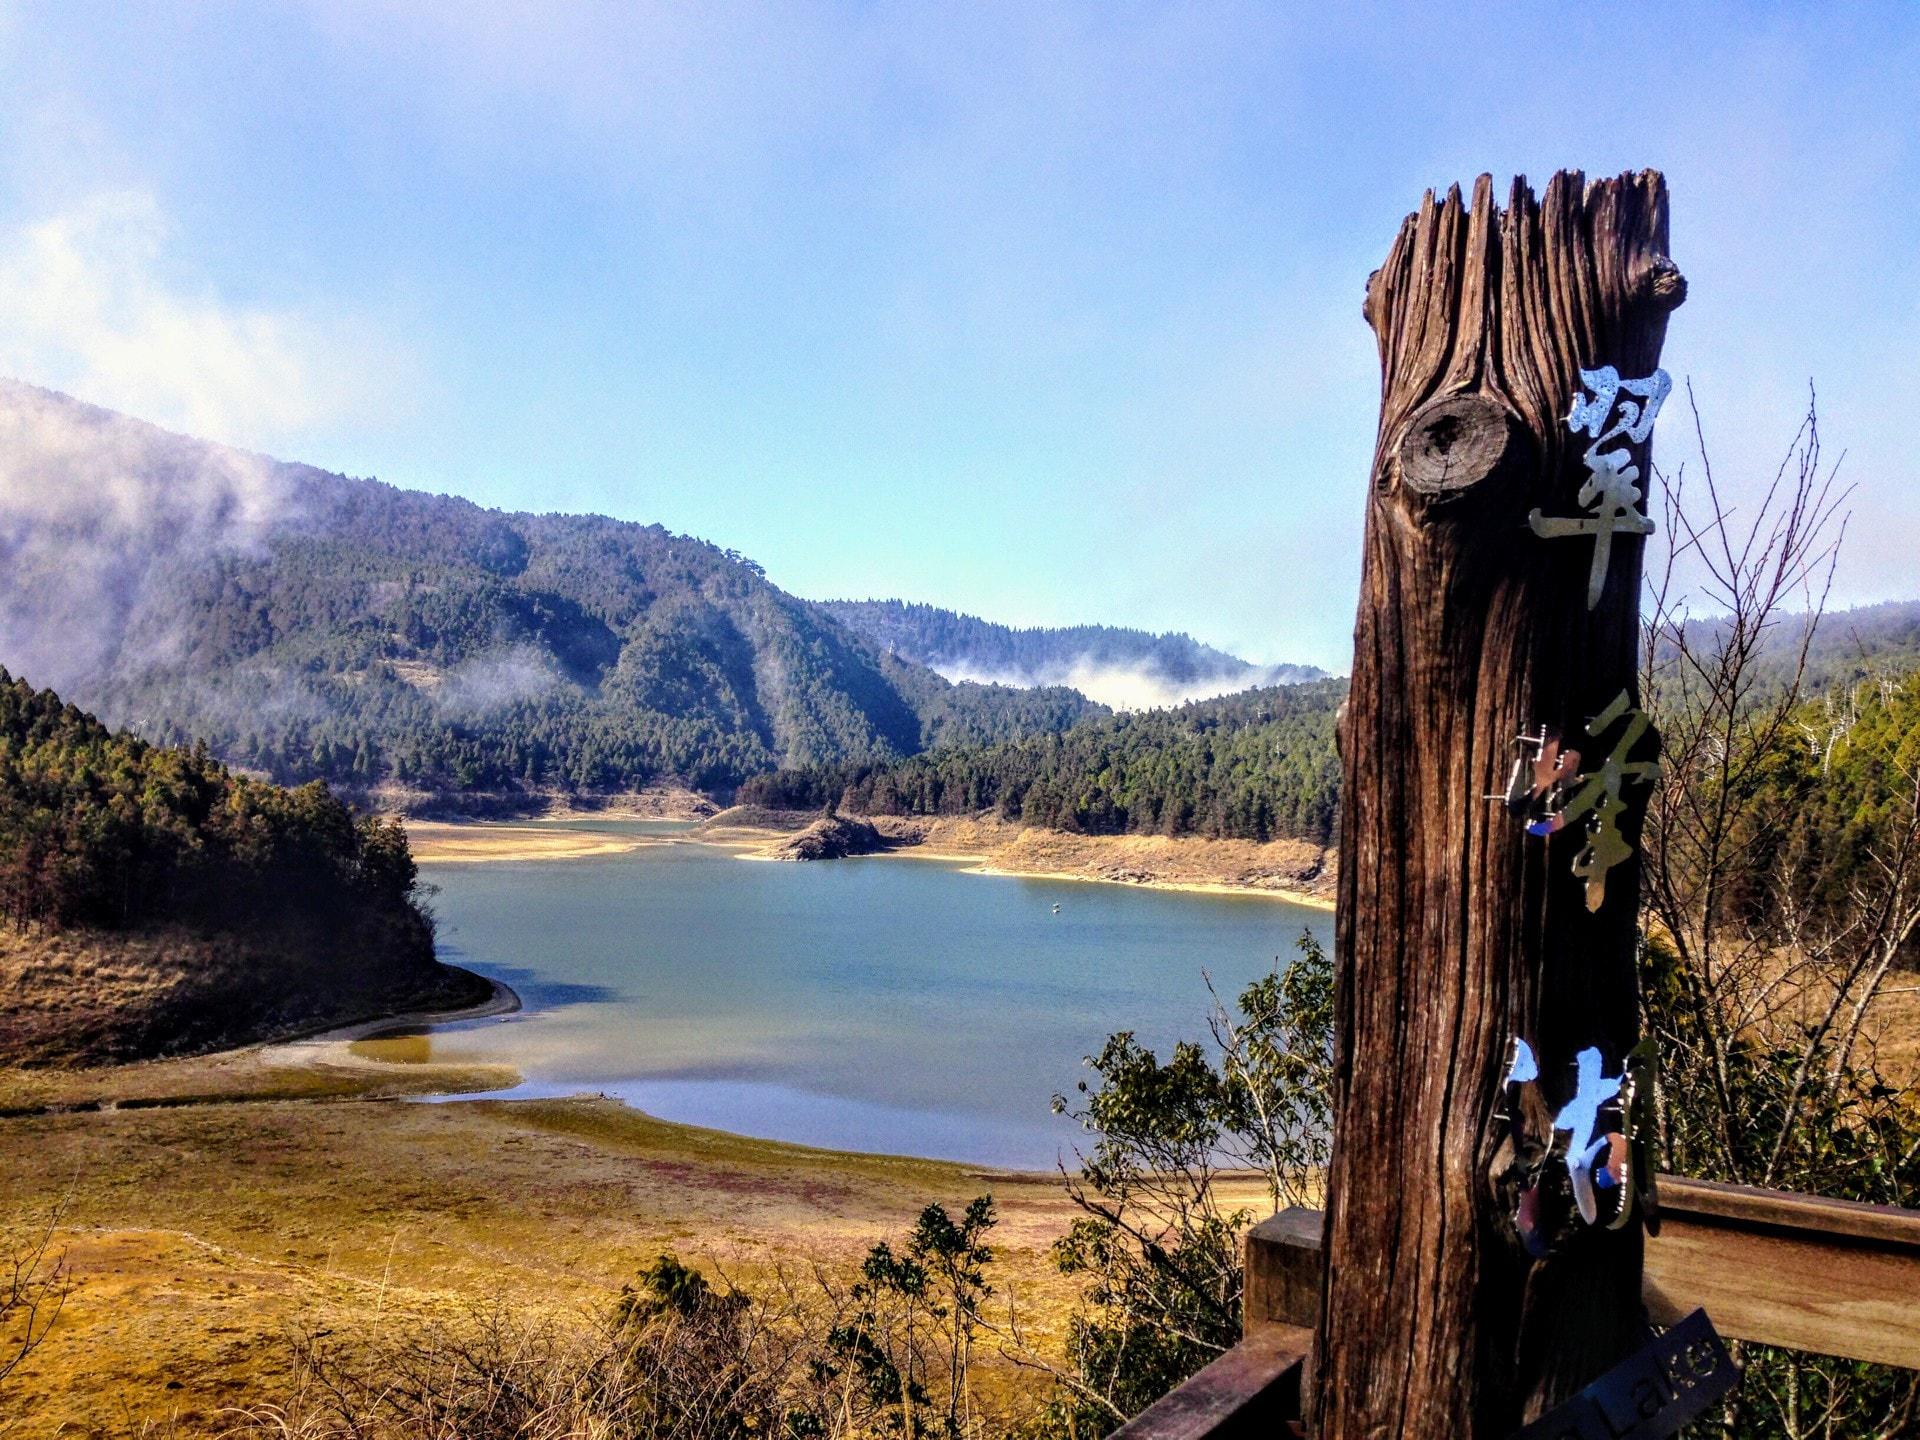 宜蘭包車旅遊、宜蘭太平山翠峰湖包車旅遊景點推薦